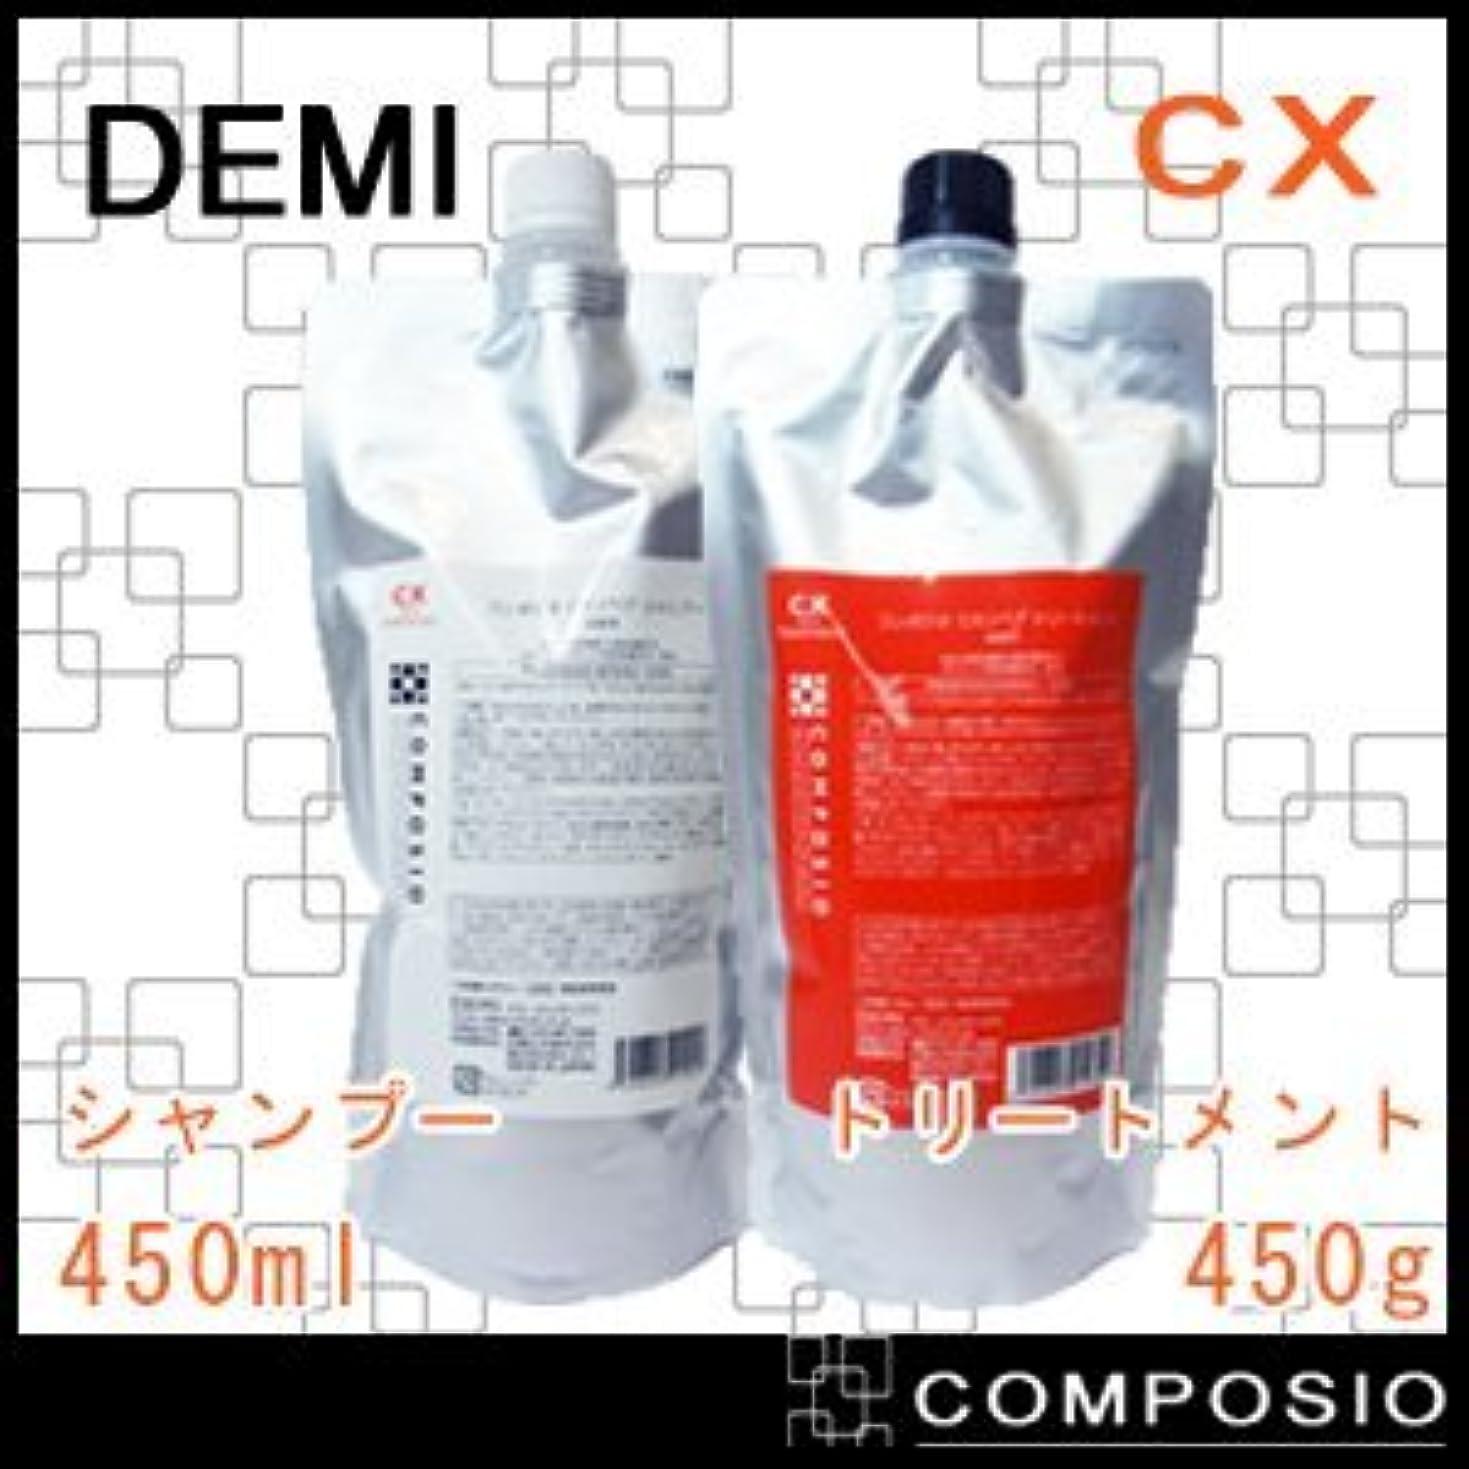 閉じる絵要求デミ コンポジオ CXリペアシャンプー&トリートメント 詰め替え セット 450ml,450g